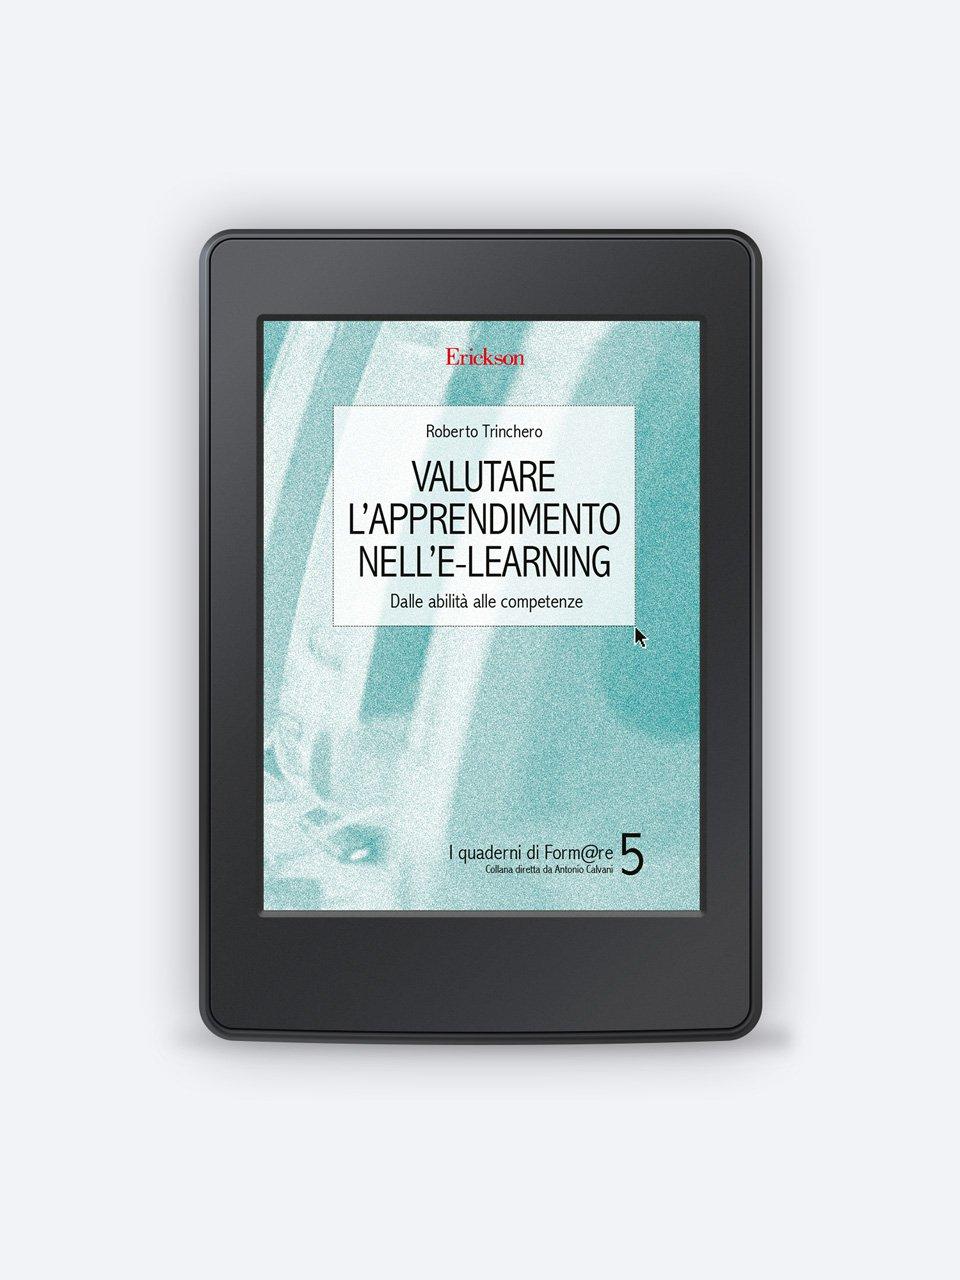 Valutare l'apprendimento nell'e-learning - Test TVD - Valutazione del disagio e dispersione s - Libri - Erickson